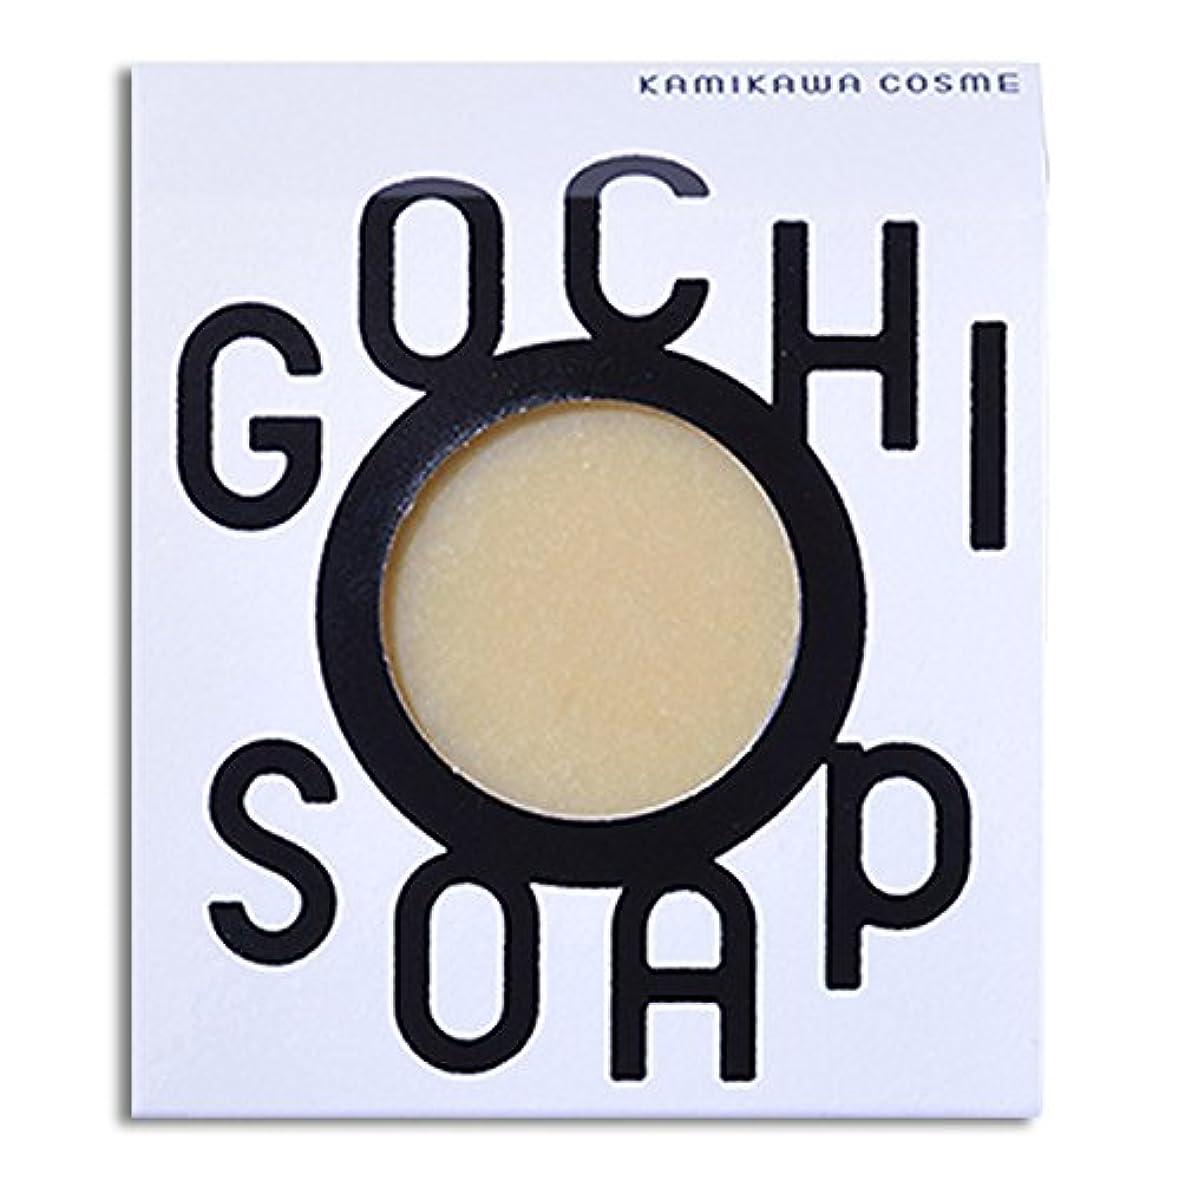 借りている原理苦しむ道北の素材を使用したコスメブランド GOCHI SOAP(山路養蜂園の蜂蜜ソープ?ふじくらますも果樹園のりんごソープ)各1個セット